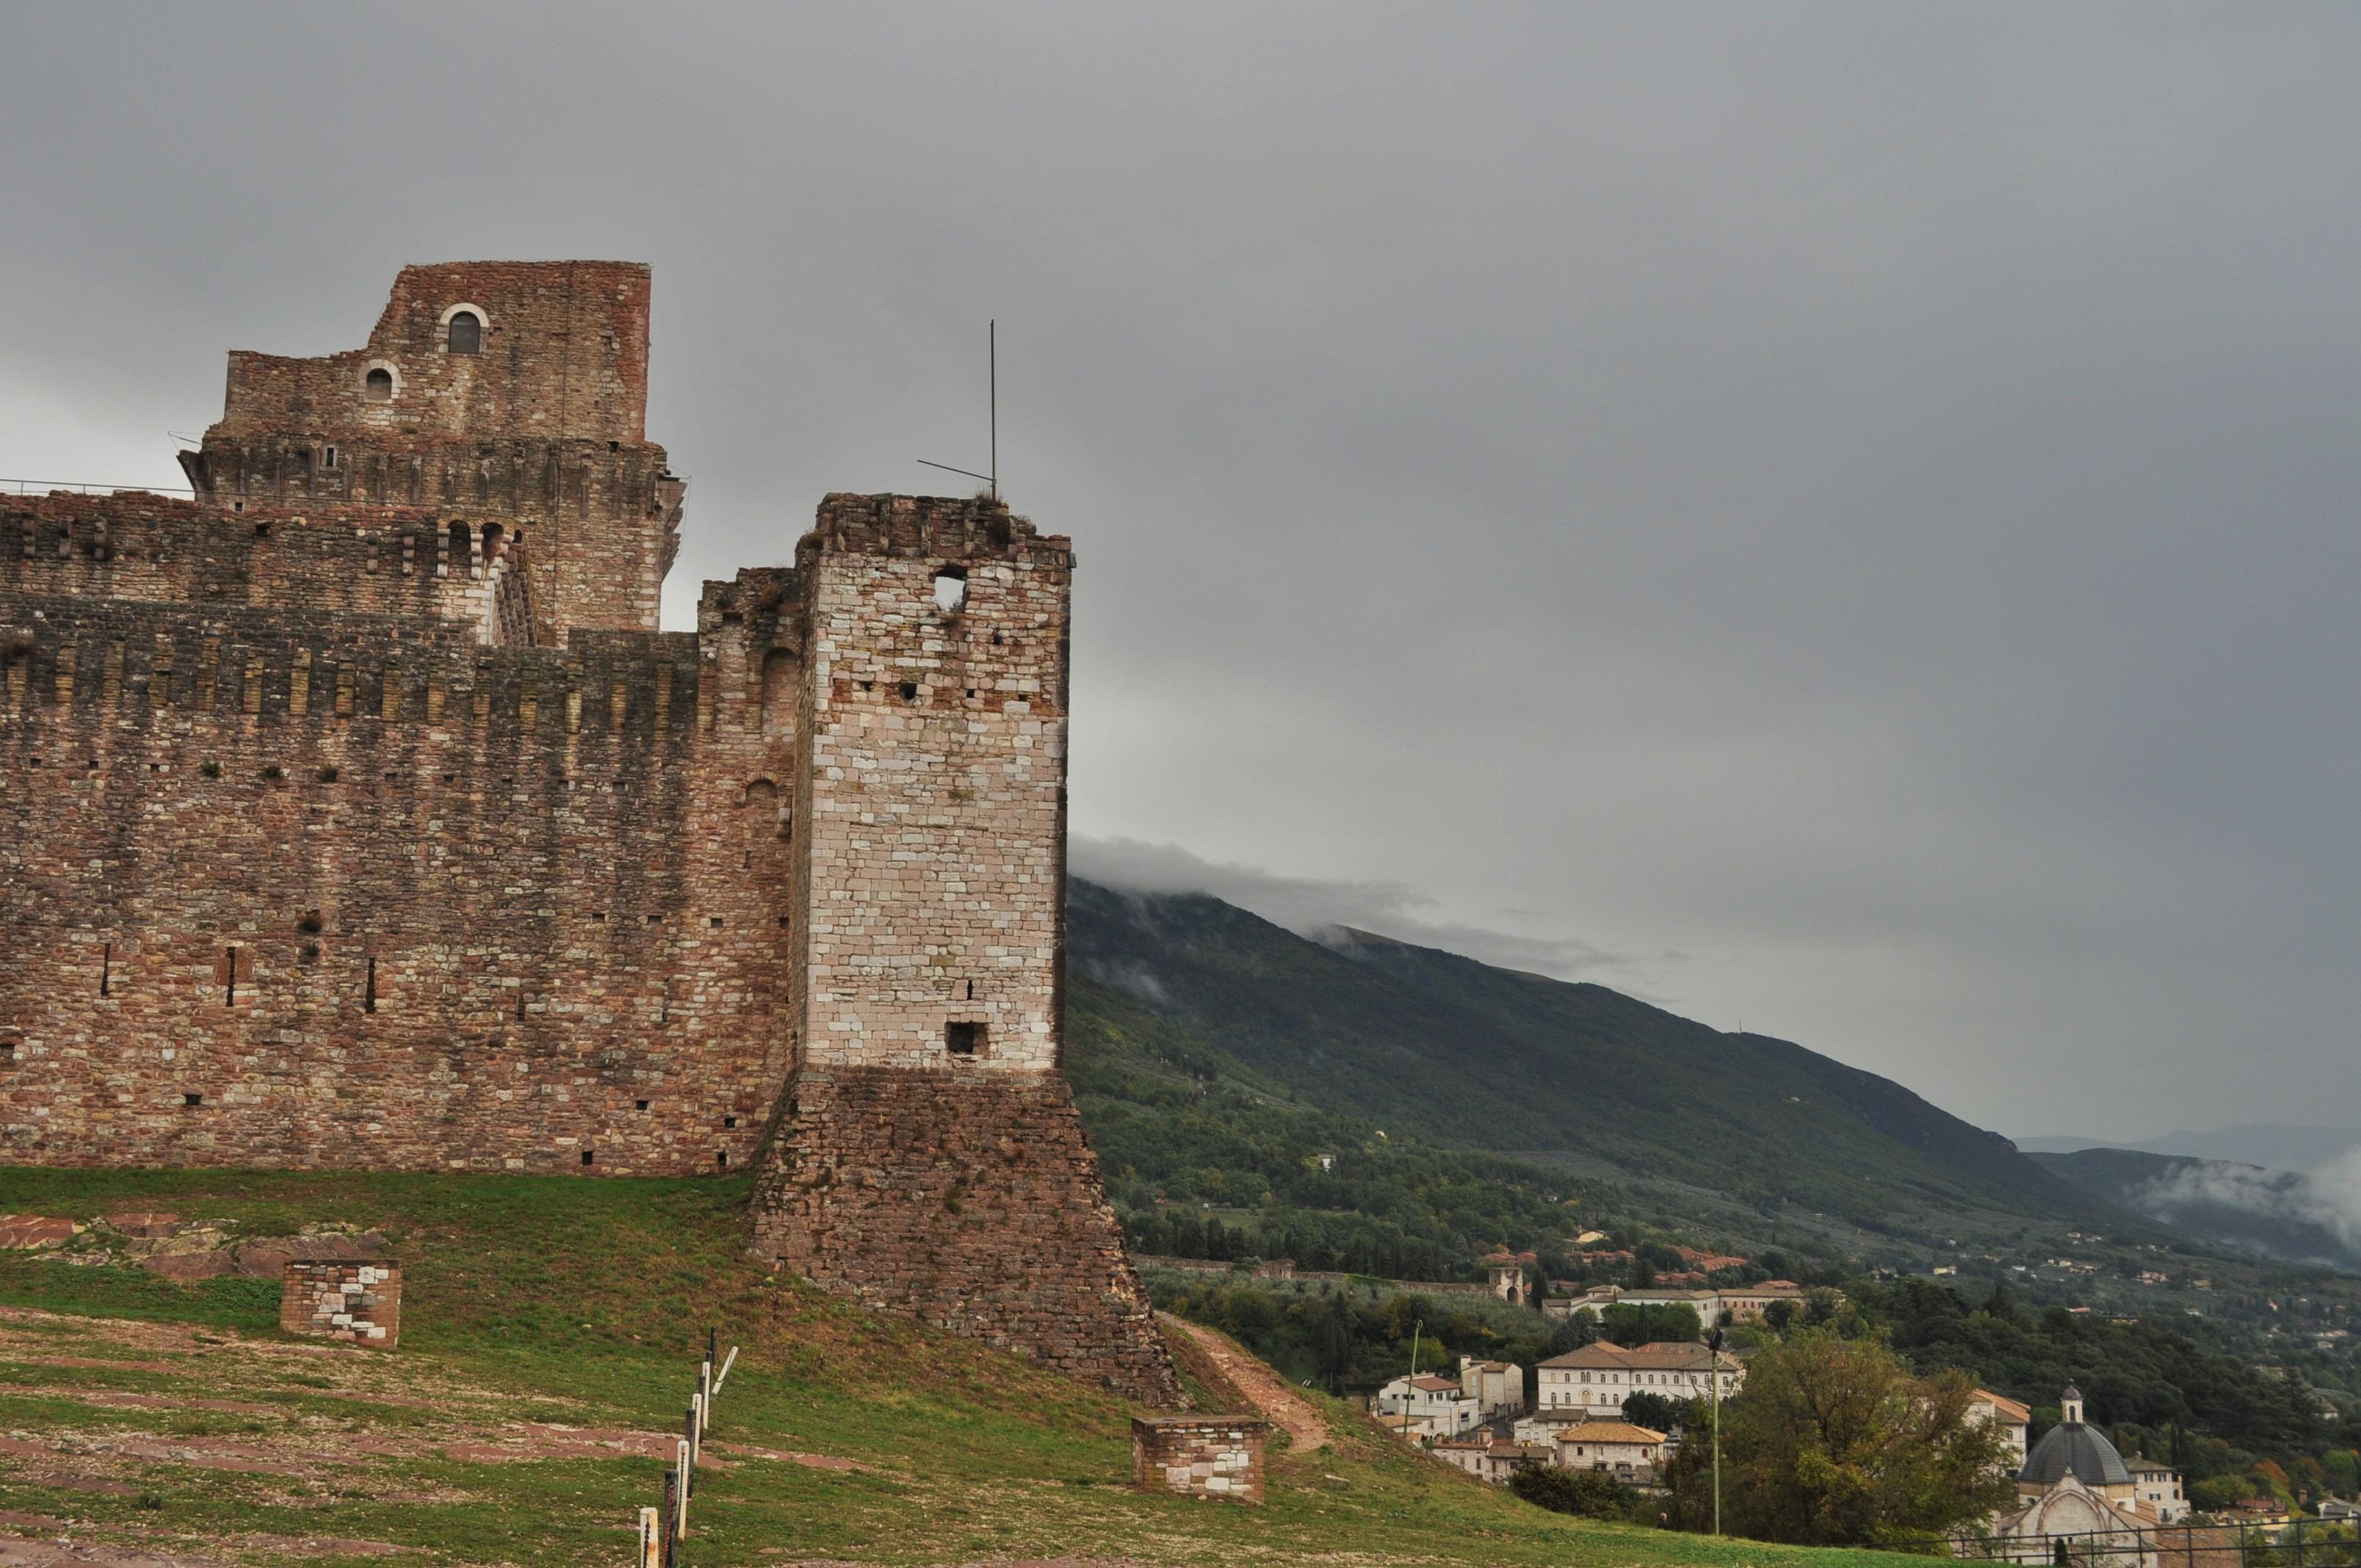 Докато се спускахме бавно от средновековната крепост Рока Маджоре, надвесена закрилнически над градчето, времето постепенно се развиделя и пред очите ни се разкри живописна гледка.